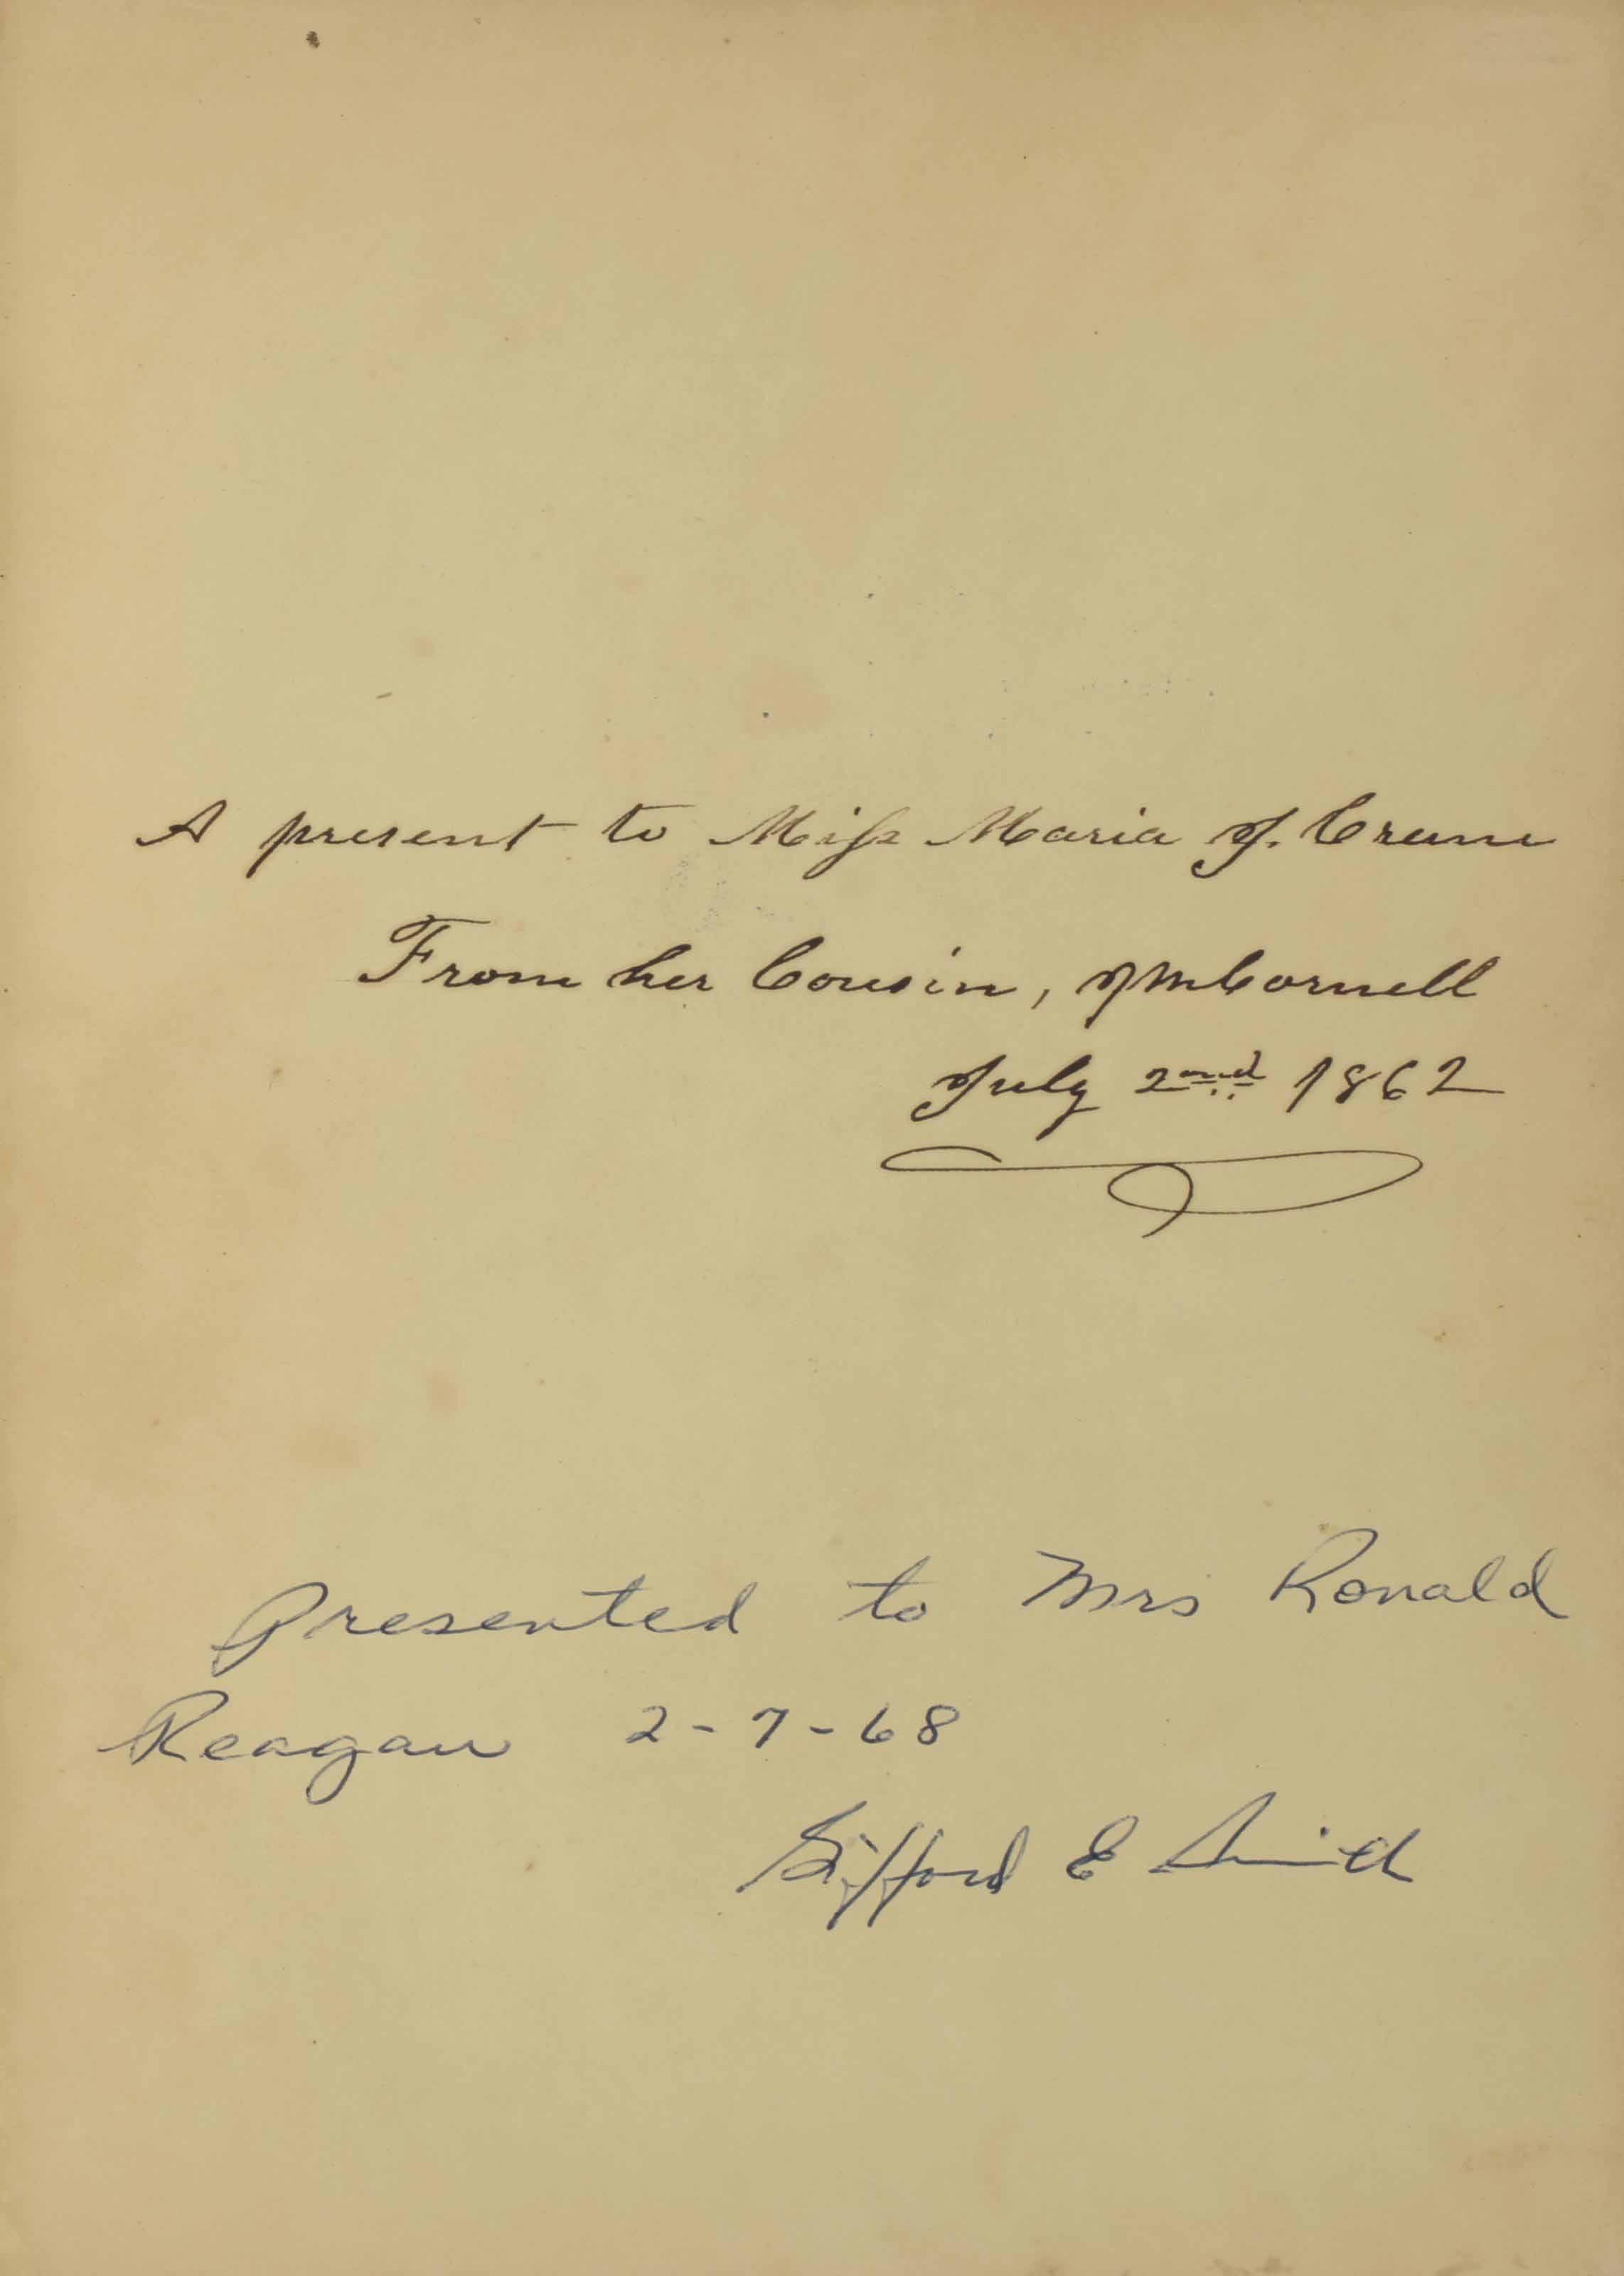 HUTCHINGS, James Mason (1820-1